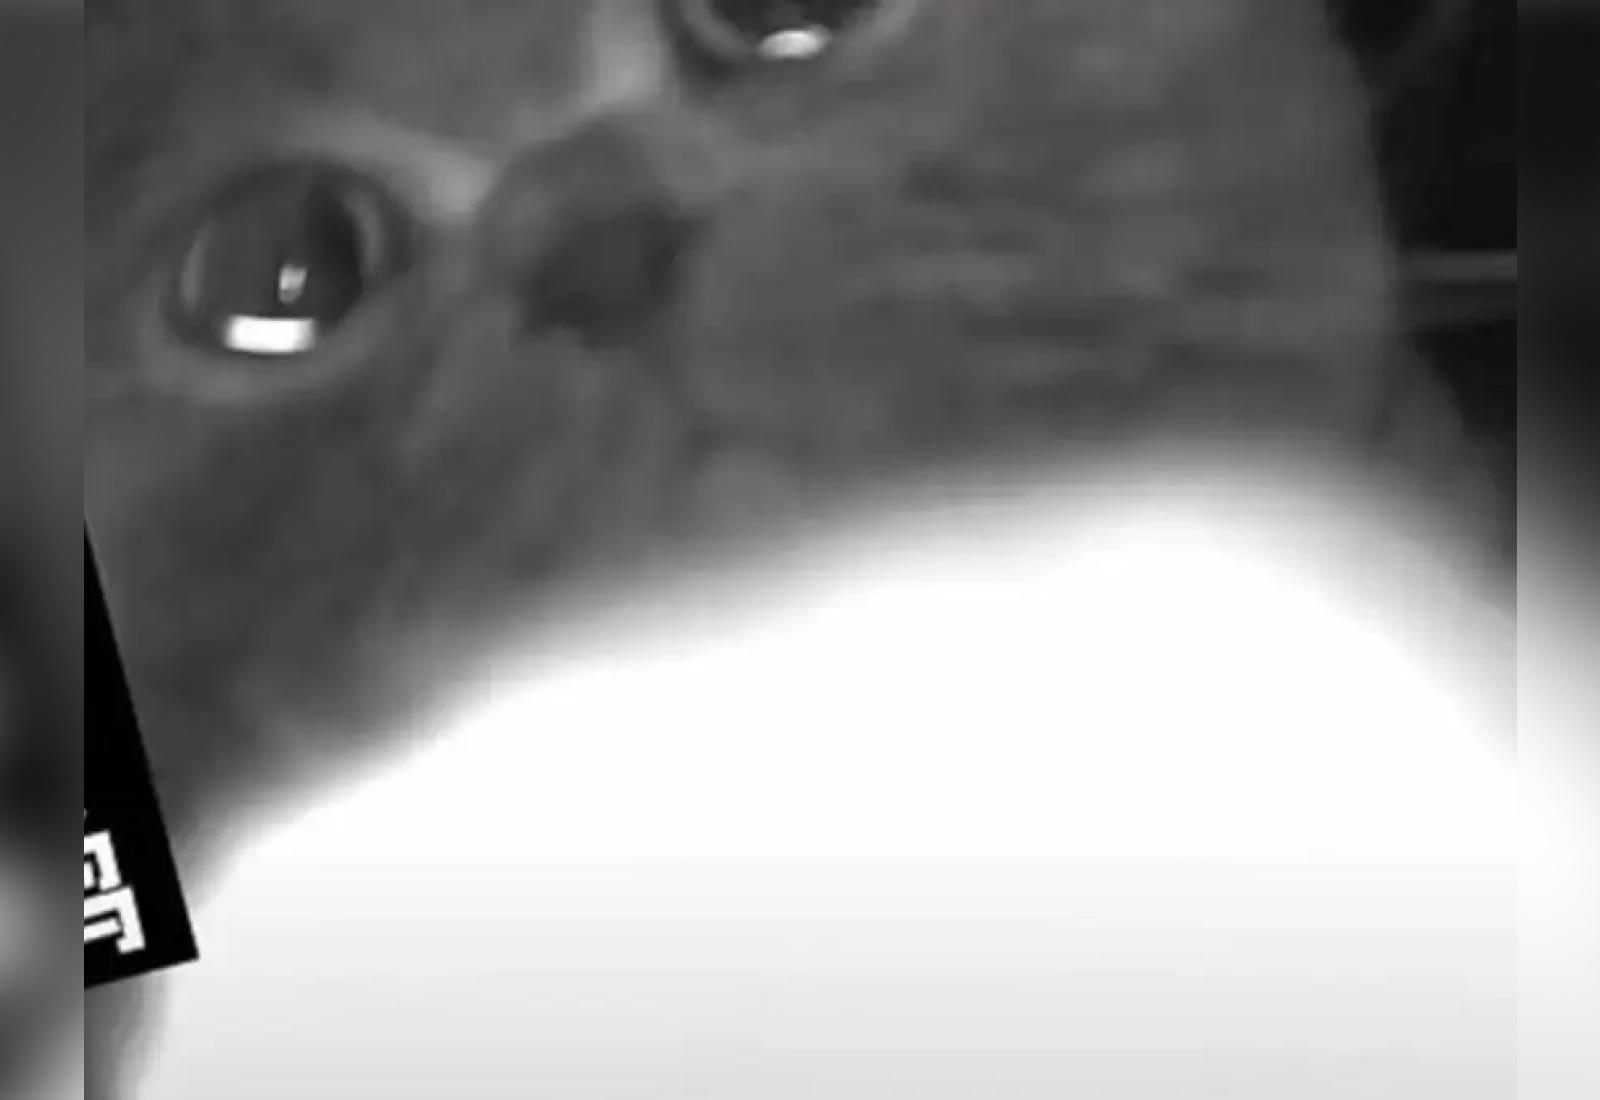 Хозяева уехали из дома и только благодаря камере узнали, какими горючими слезами плачет без них кот